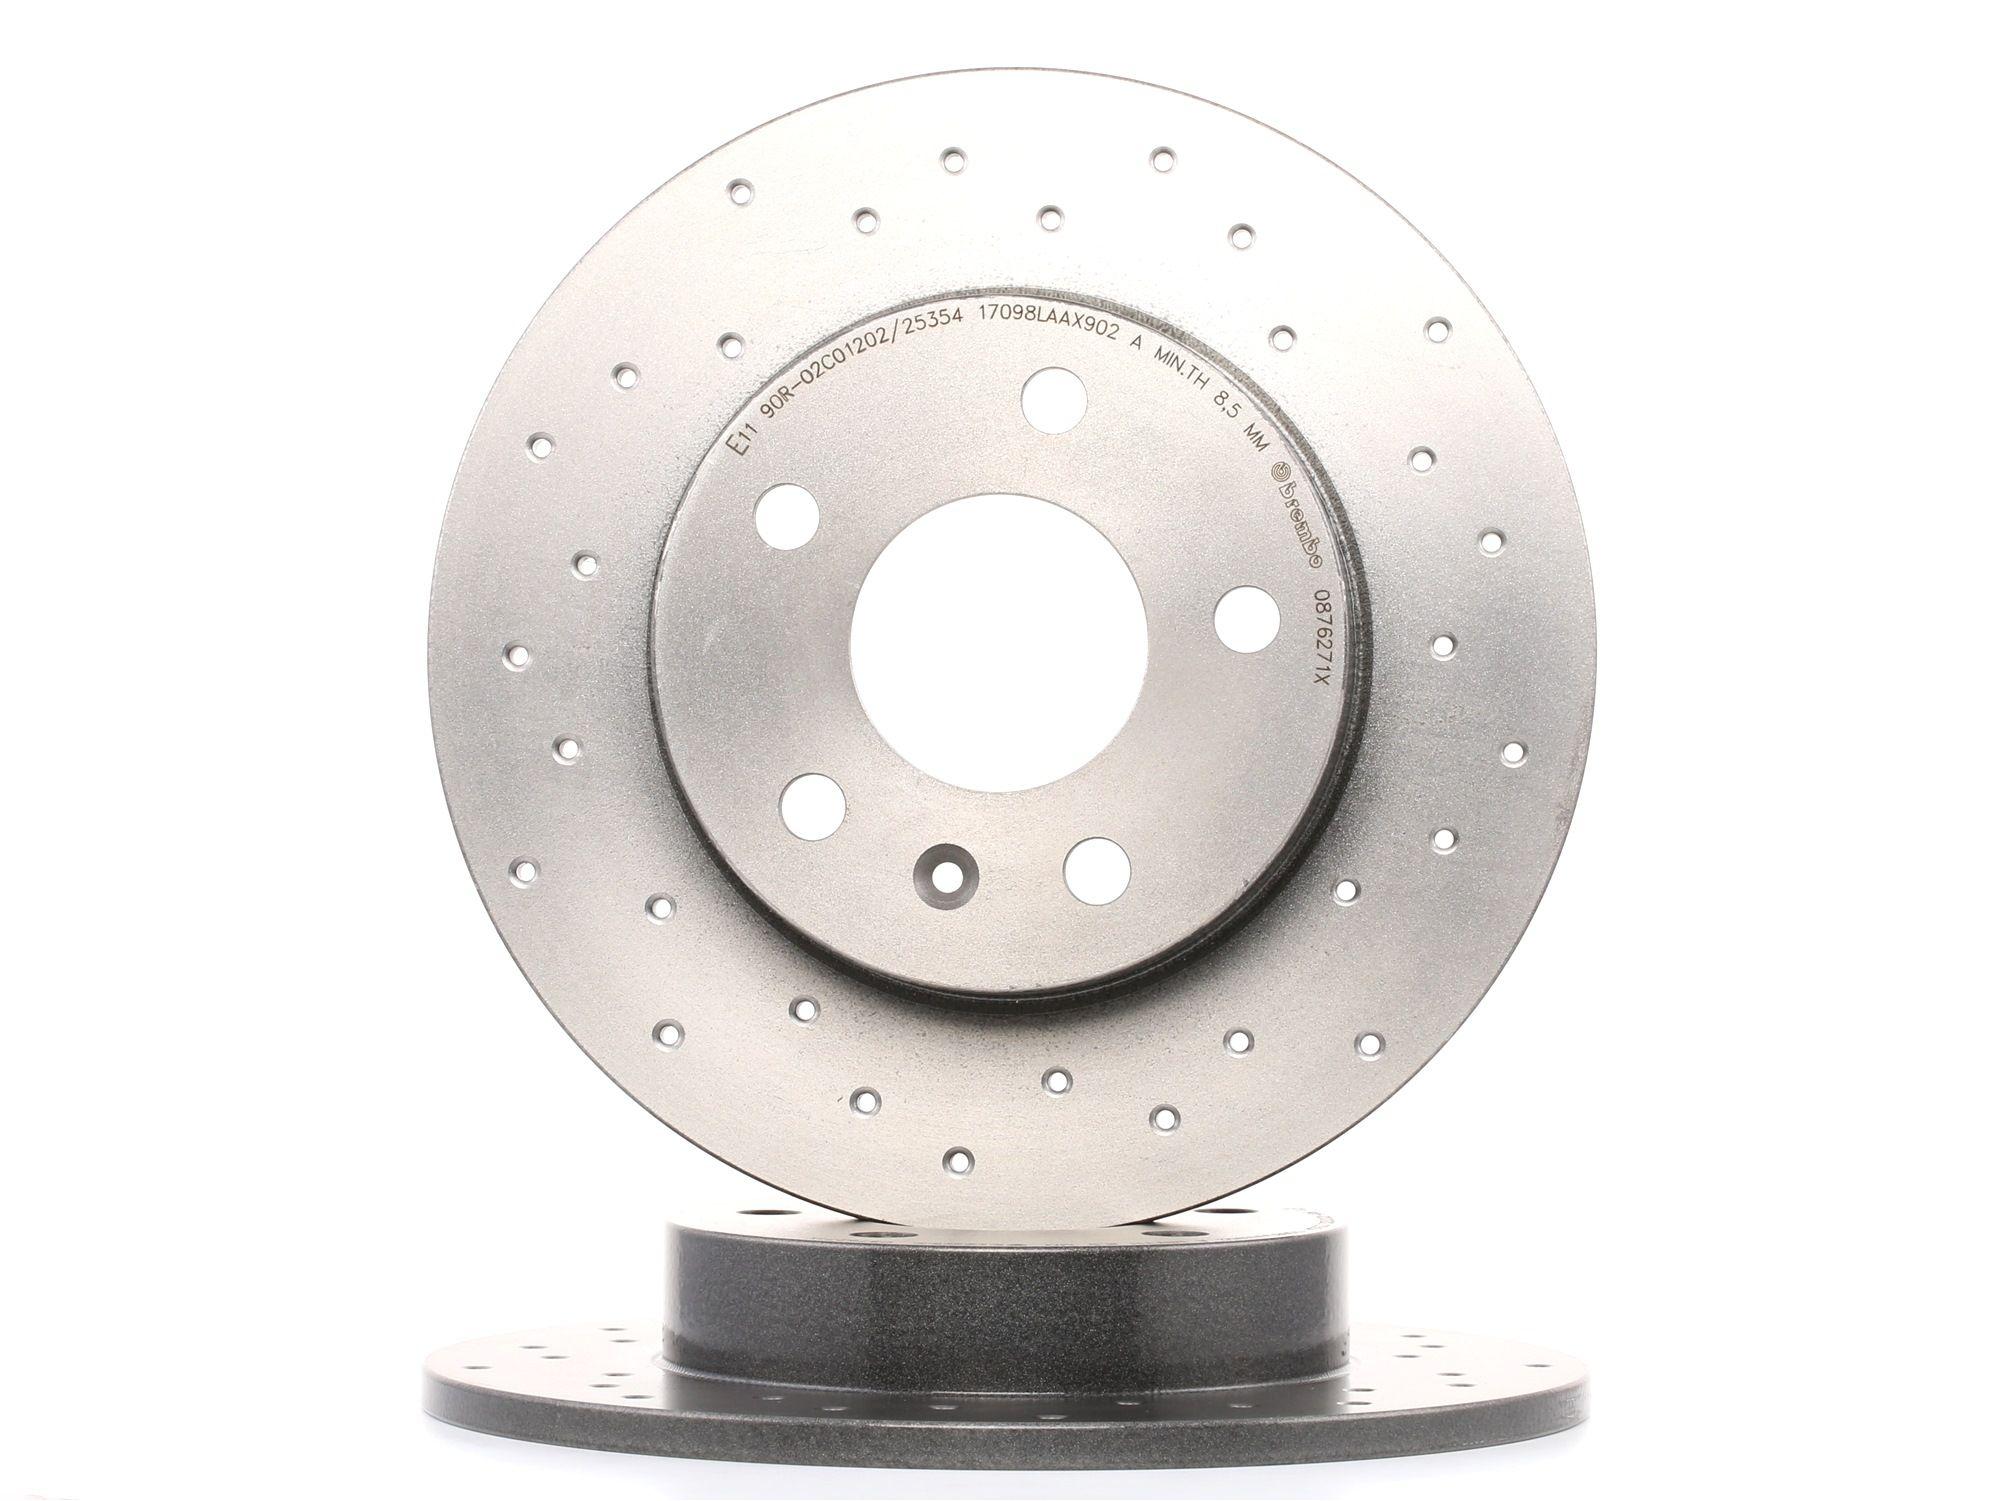 OPEL ASTRA 2014 Scheibenbremsen - Original BREMBO 08.7627.1X Ø: 264mm, Lochanzahl: 5, Bremsscheibendicke: 10mm